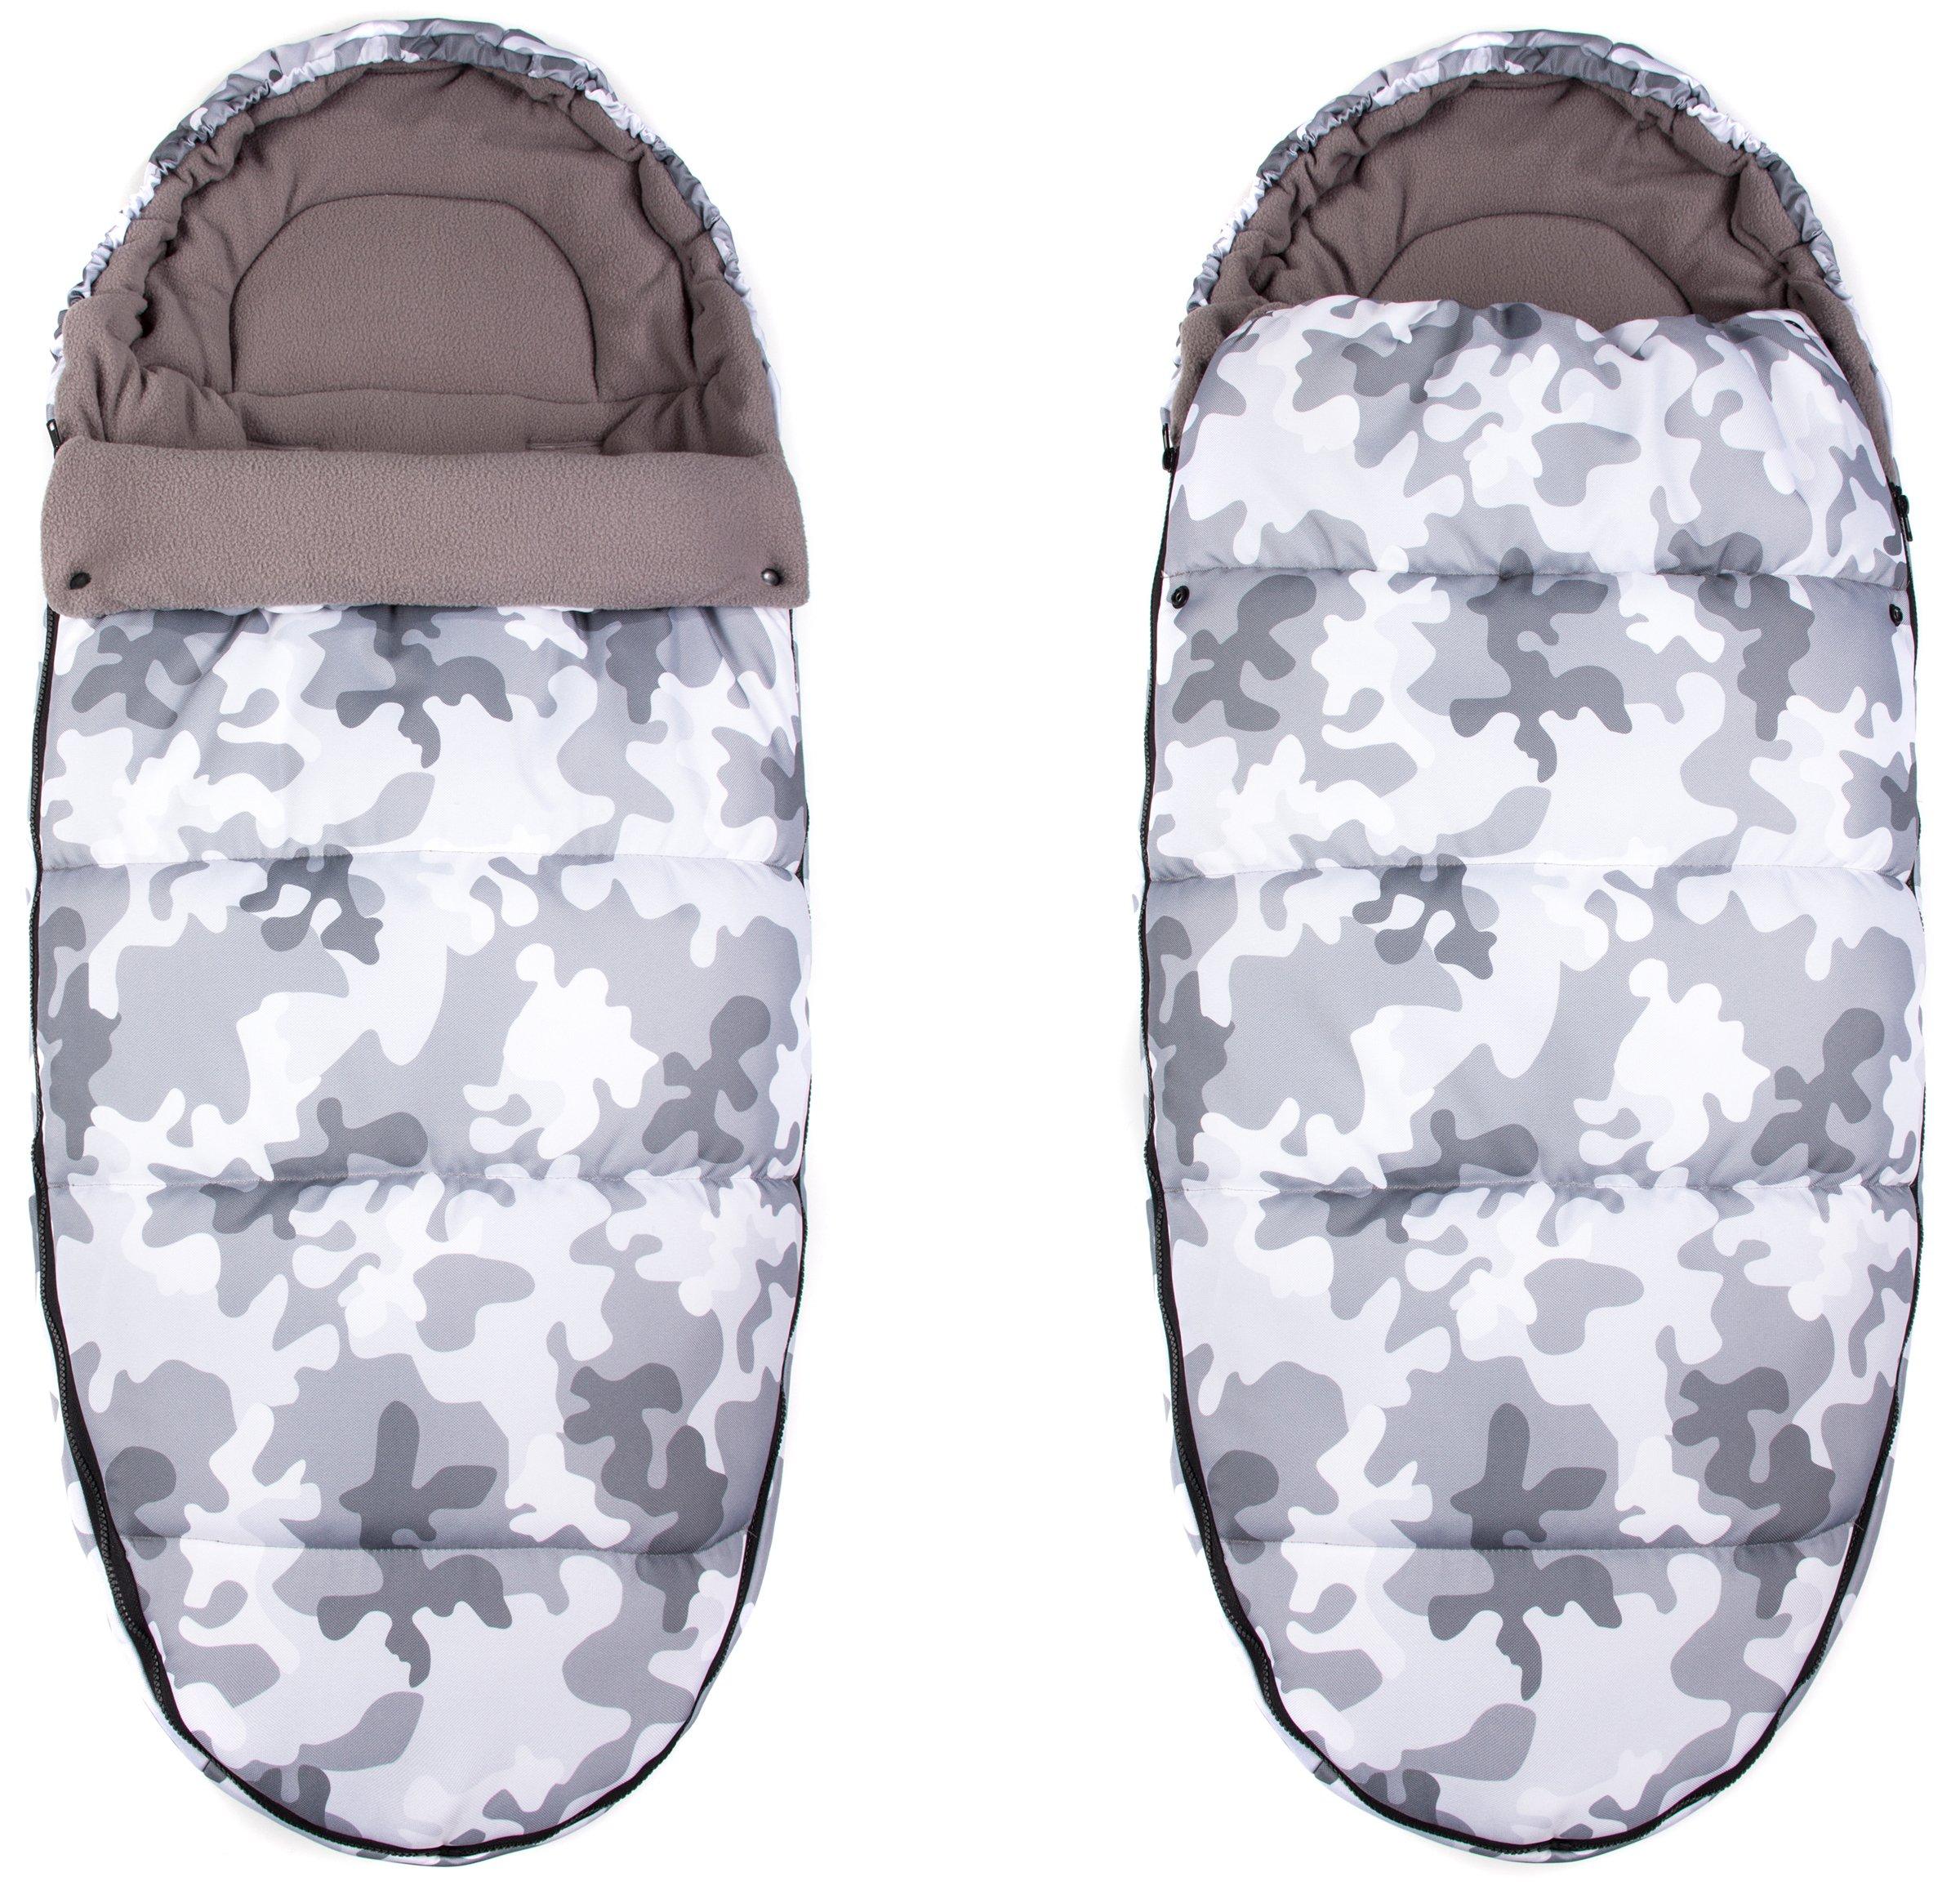 4v1 DVOJITÝ IZOLOVANÝ FLEECE FOOTMUFF 105 CM